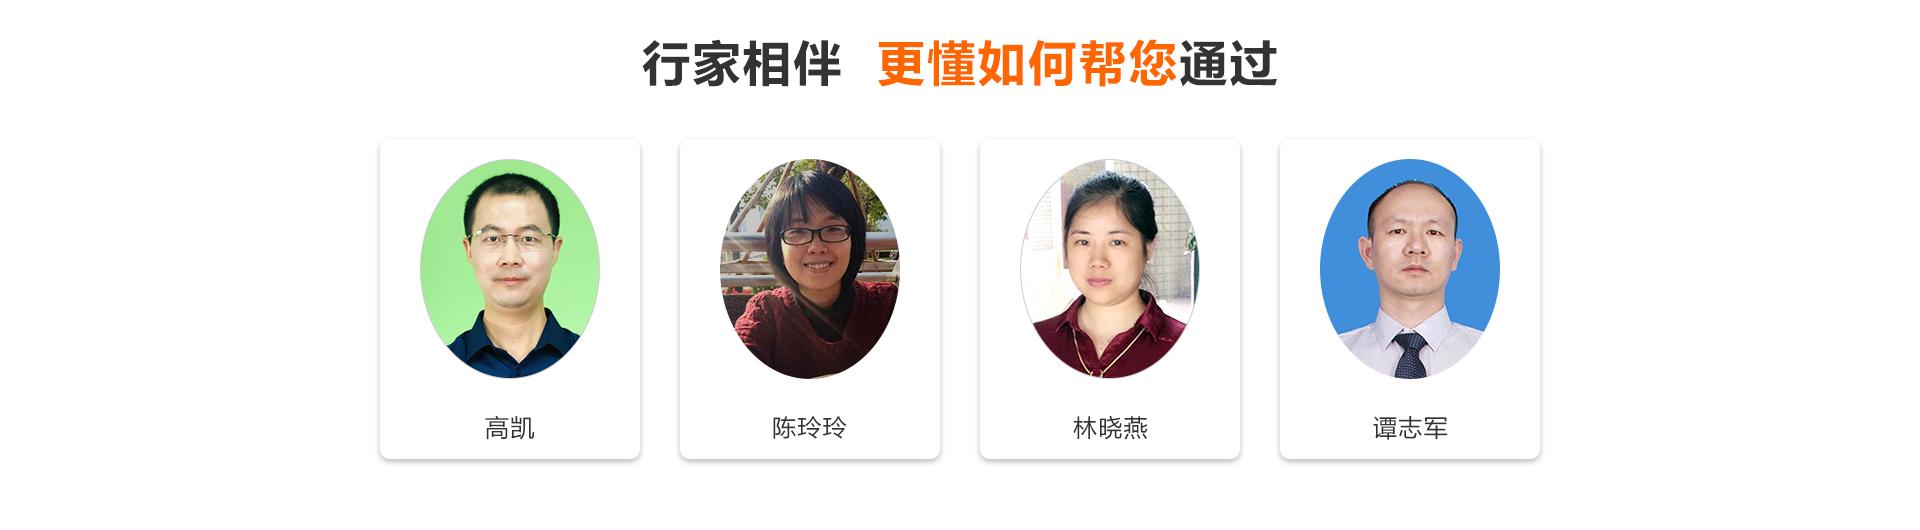 行政管理专科(成教).png